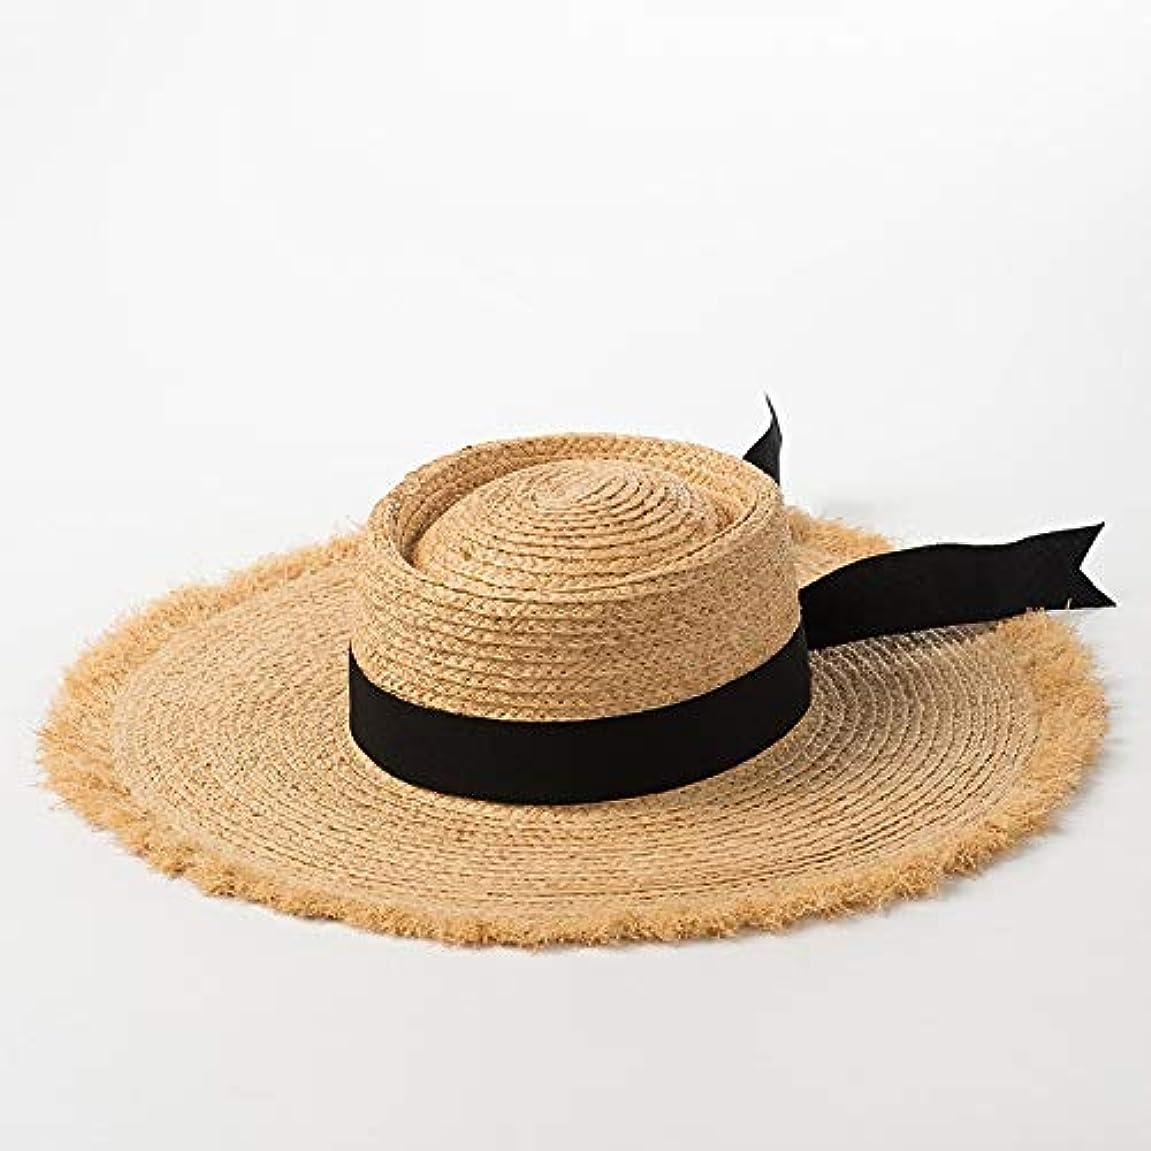 肘掛け椅子誰がリクルート春と夏のモデルフラットトップボウリボンラフィアビッグ帽子レディースサンシェードビーチ麦わら帽子